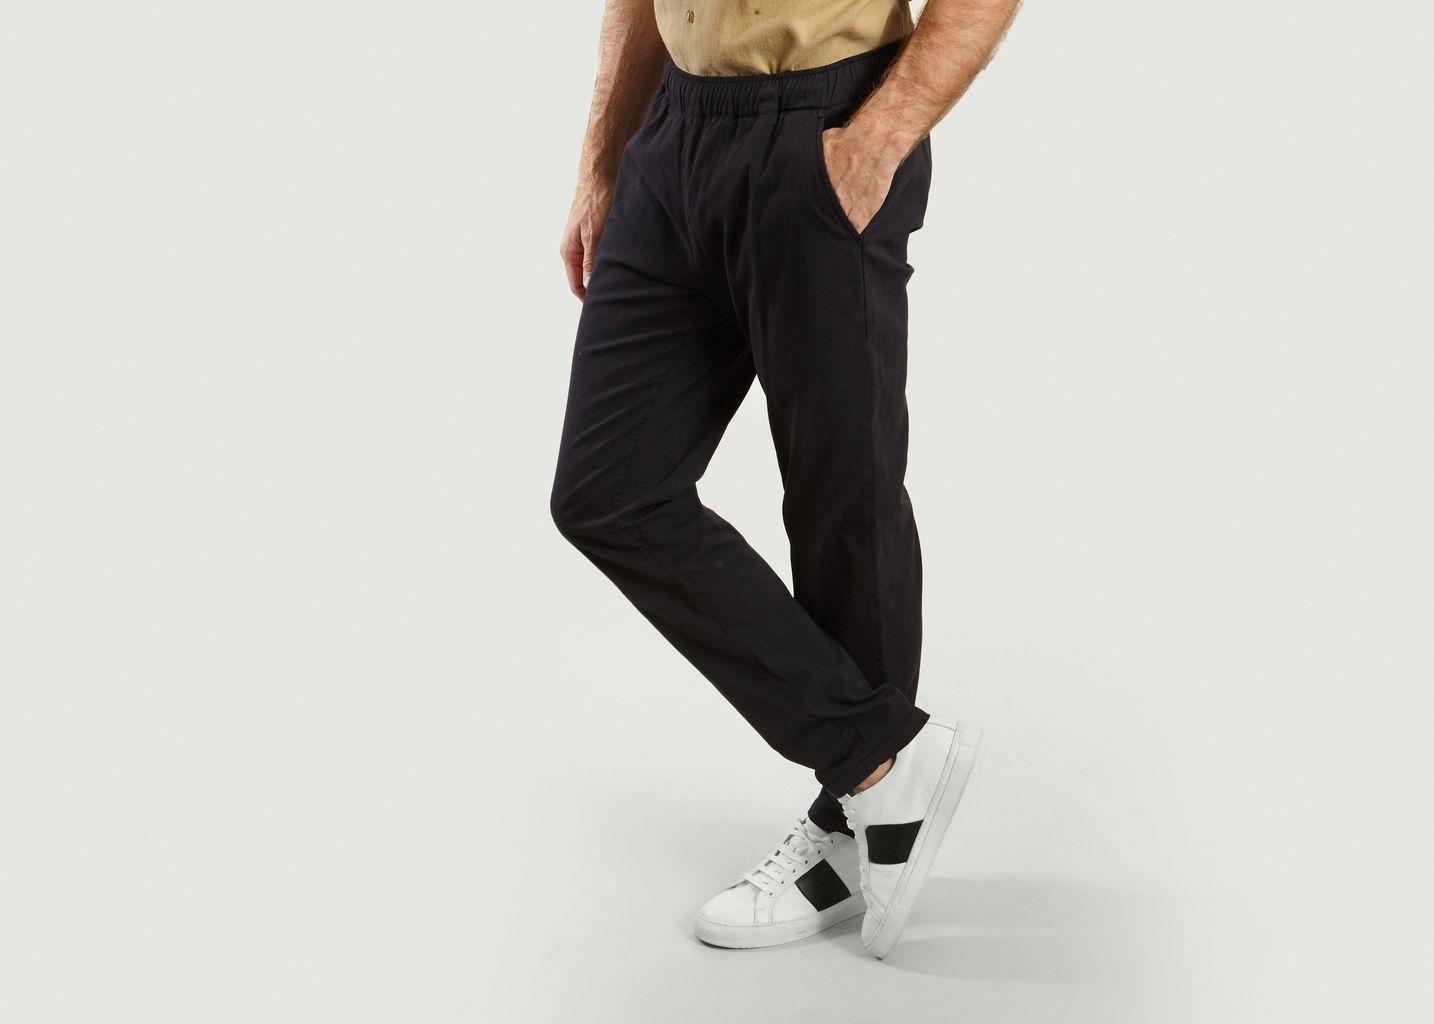 Pantalon taille élastiquée Draw - Homecore